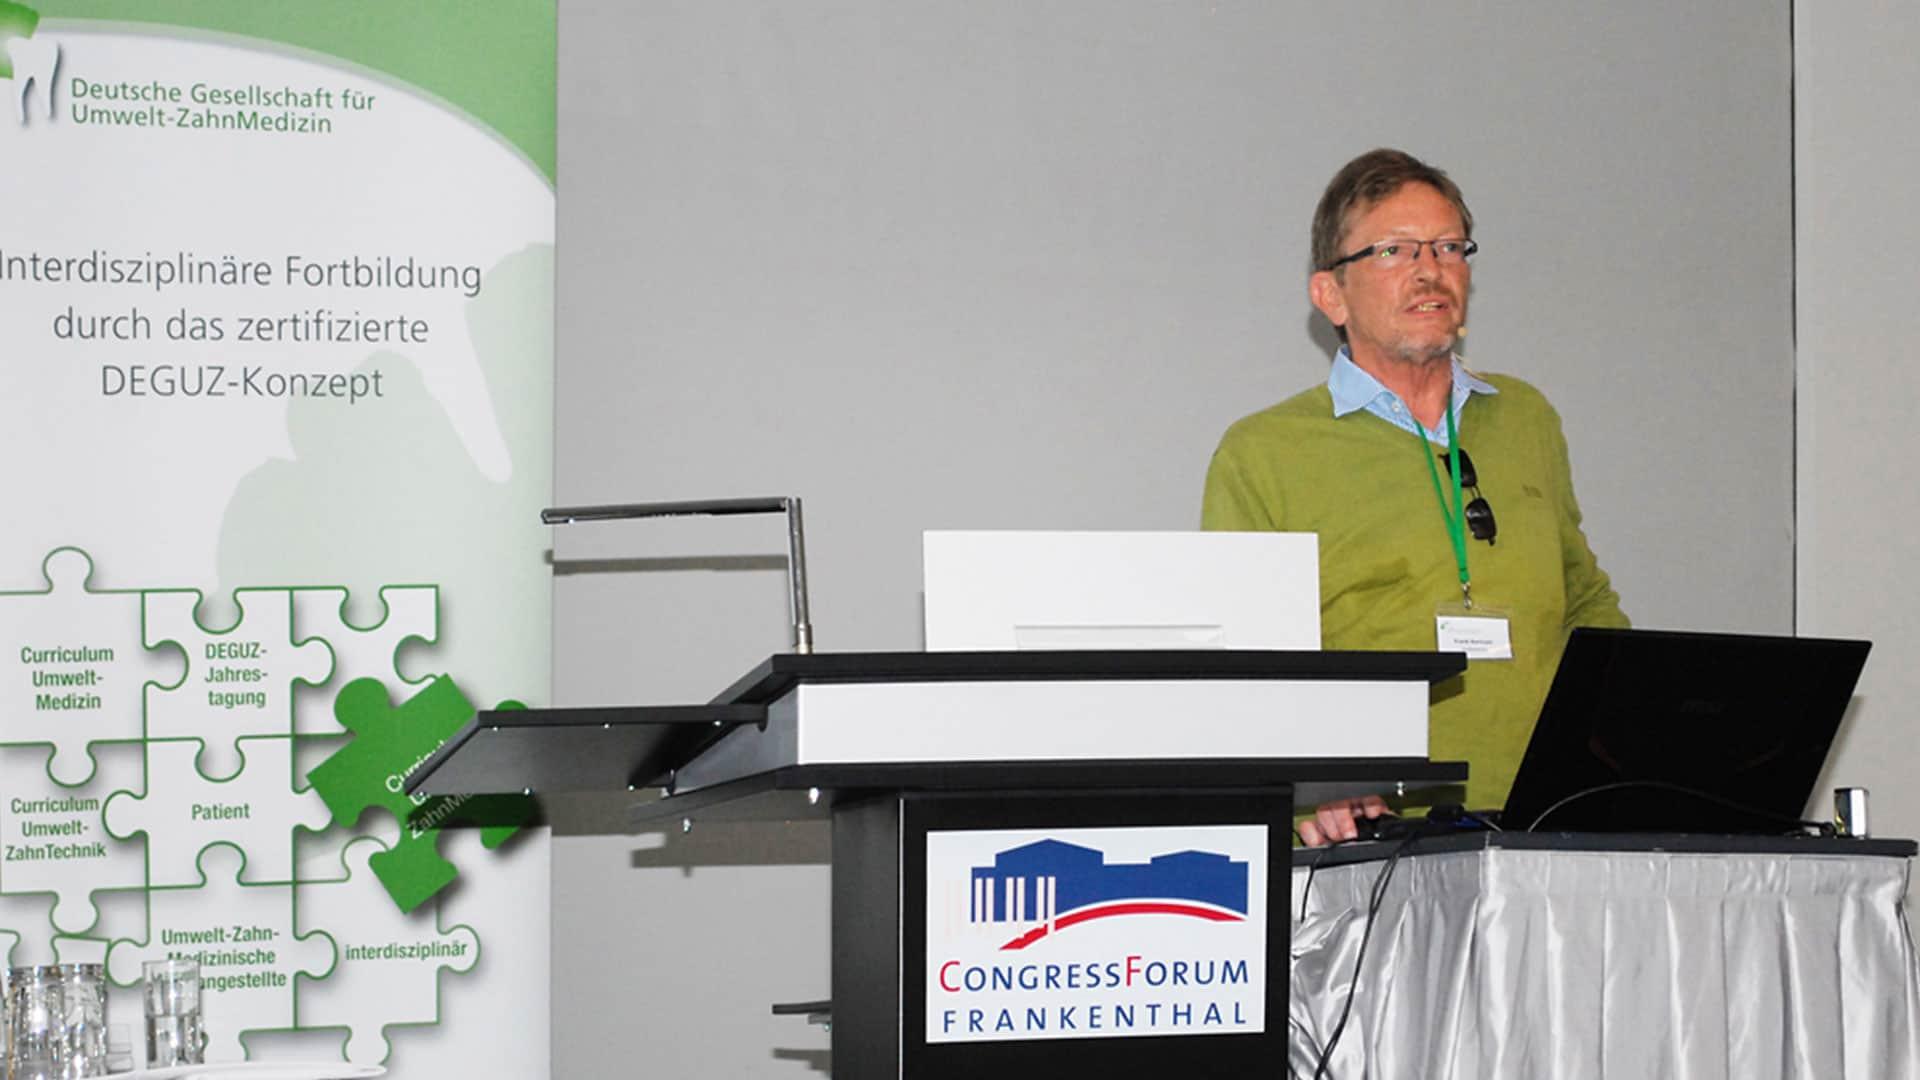 Dr. Frank Bartram bei einem Vortrag zum Thema Umweltmedizin